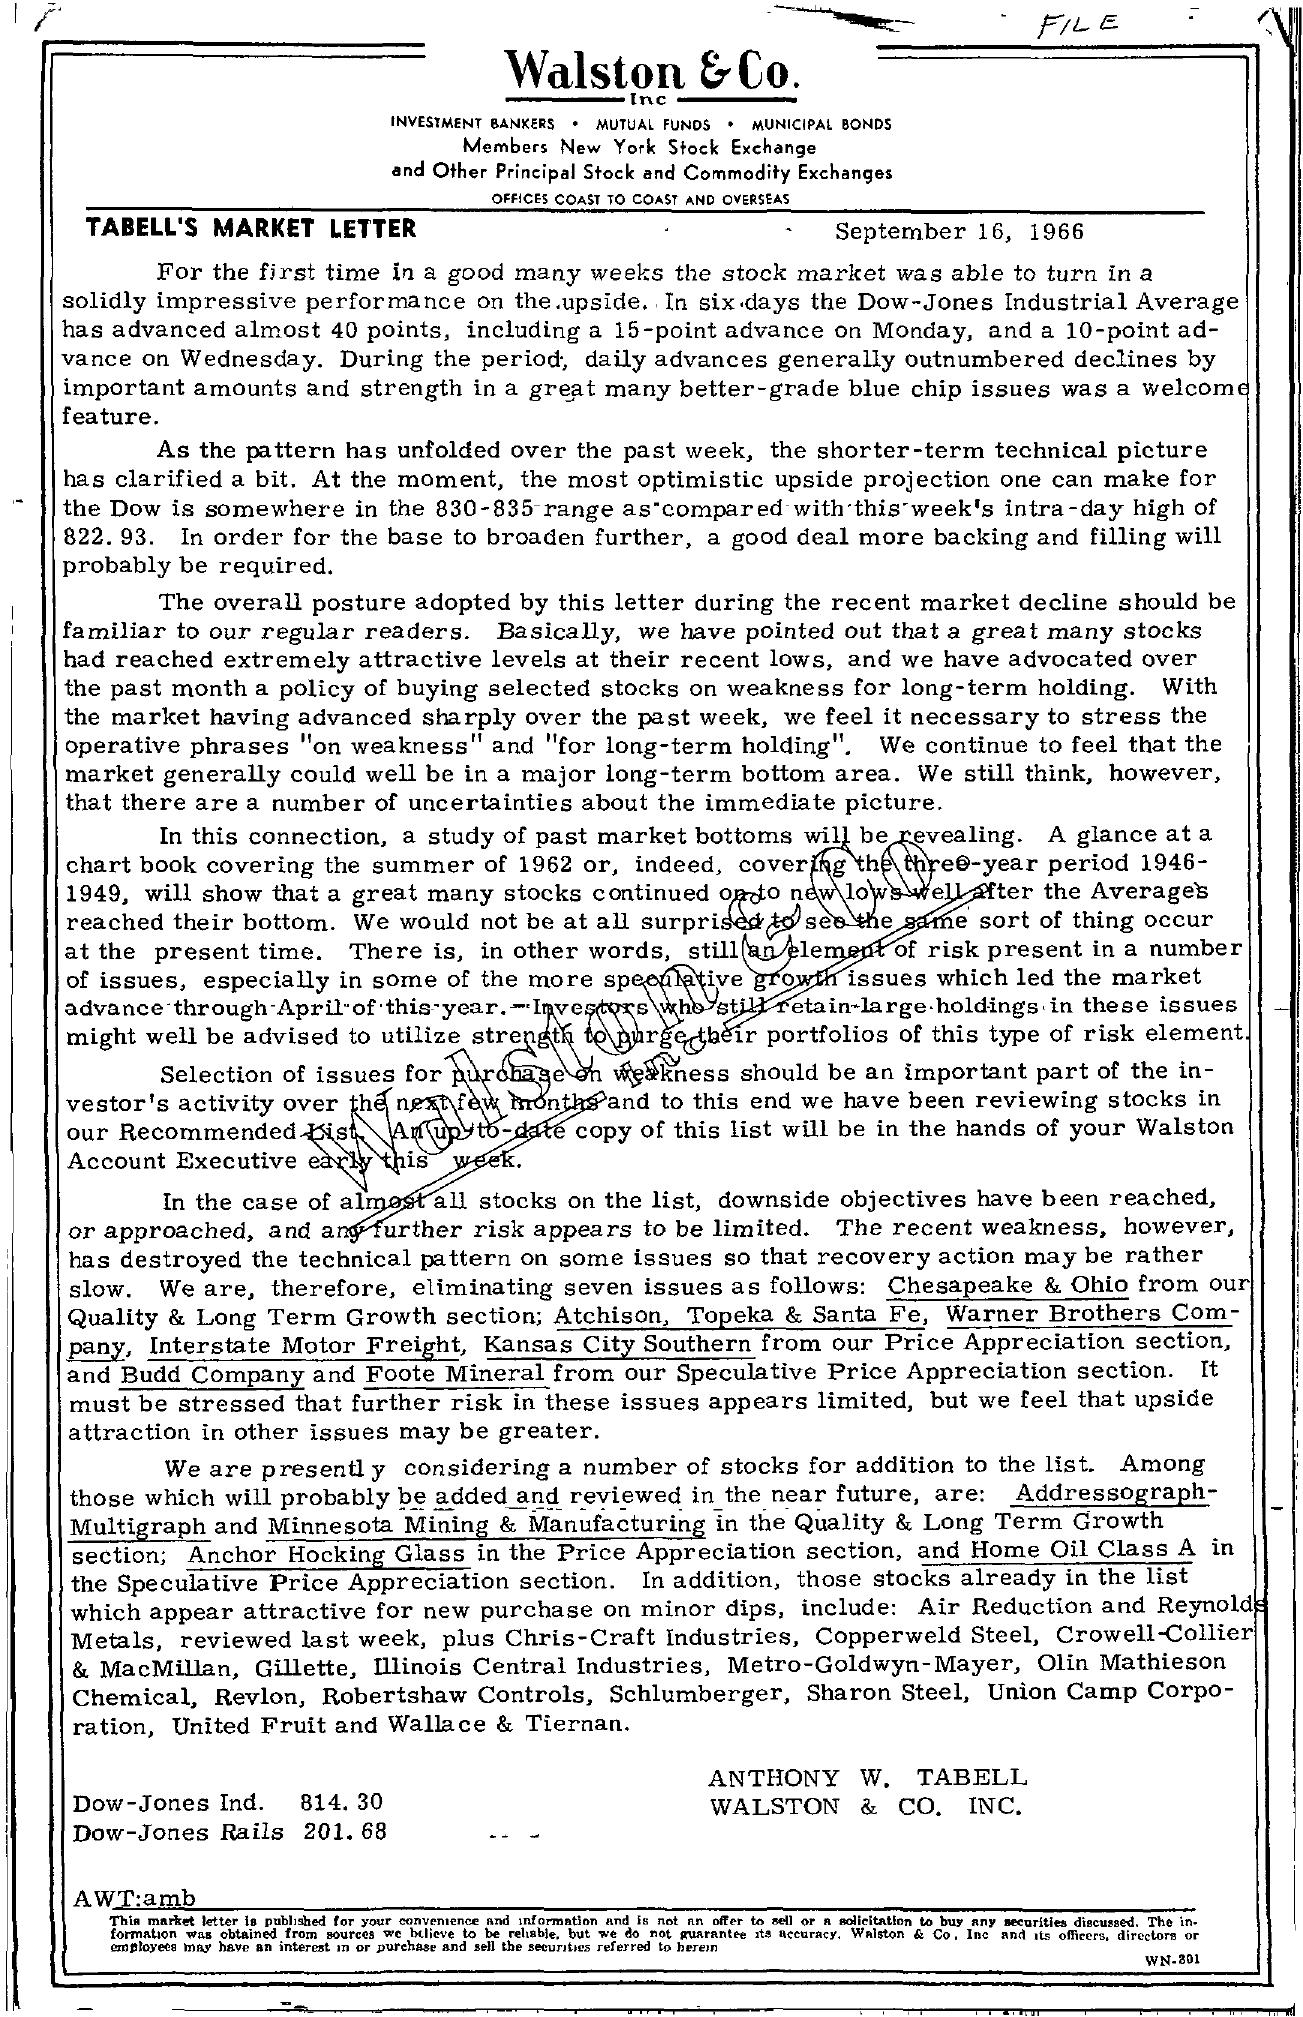 Tabell's Market Letter - September 16, 1966